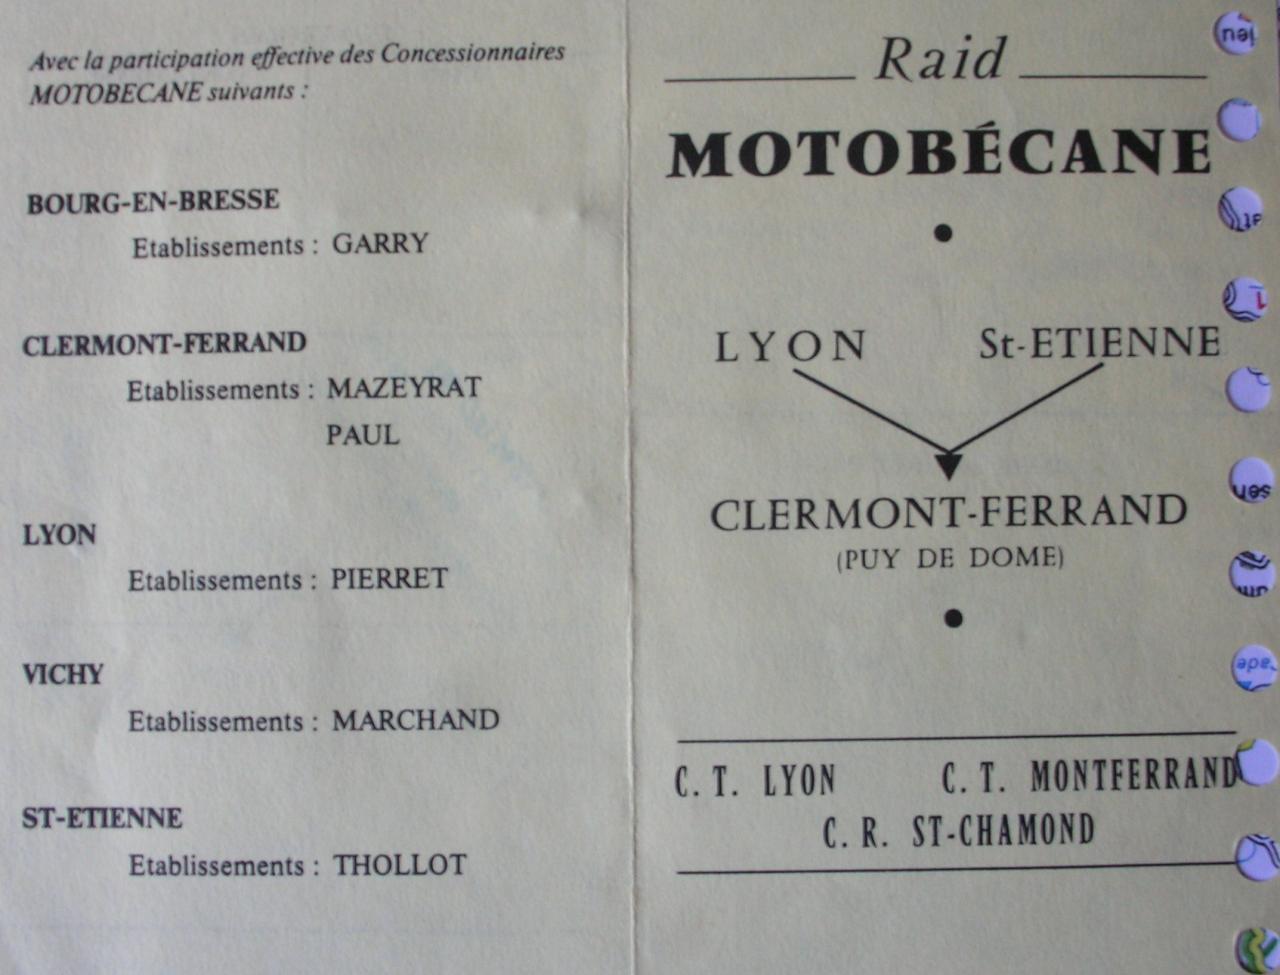 1975-saint-etienne-sommet-du-puy-de-domes.jpg